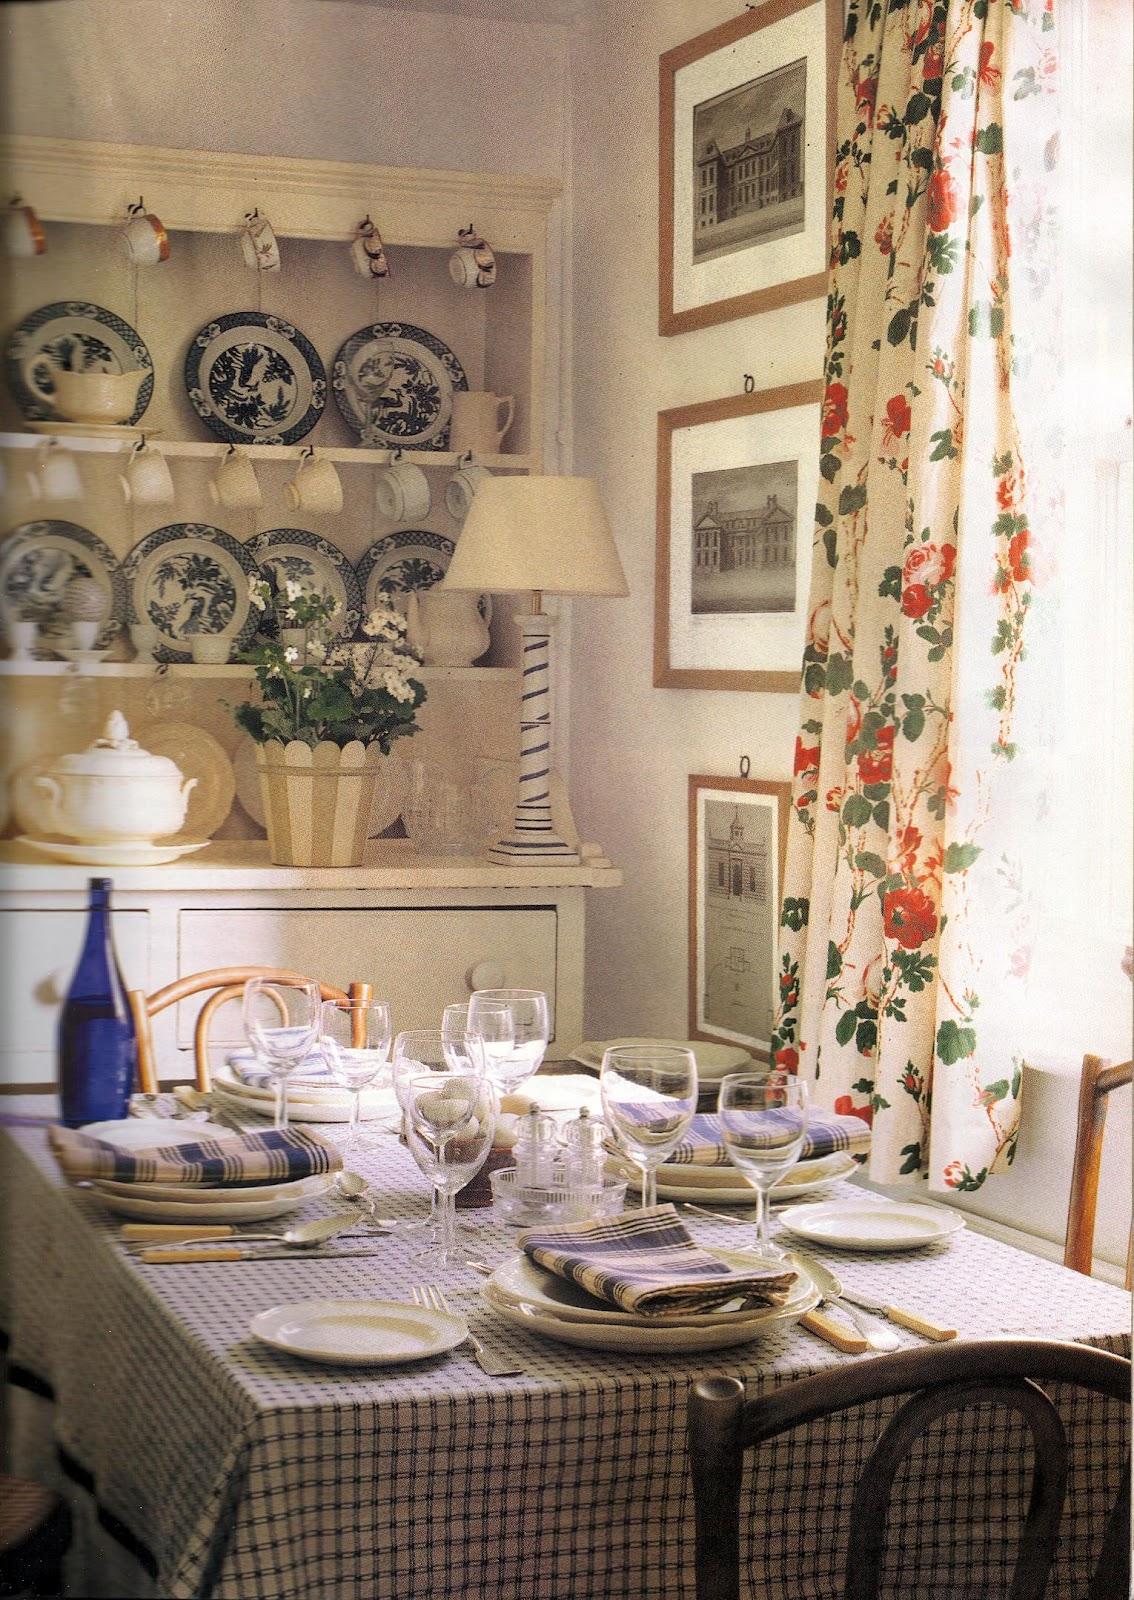 Kitchens I Have Loved